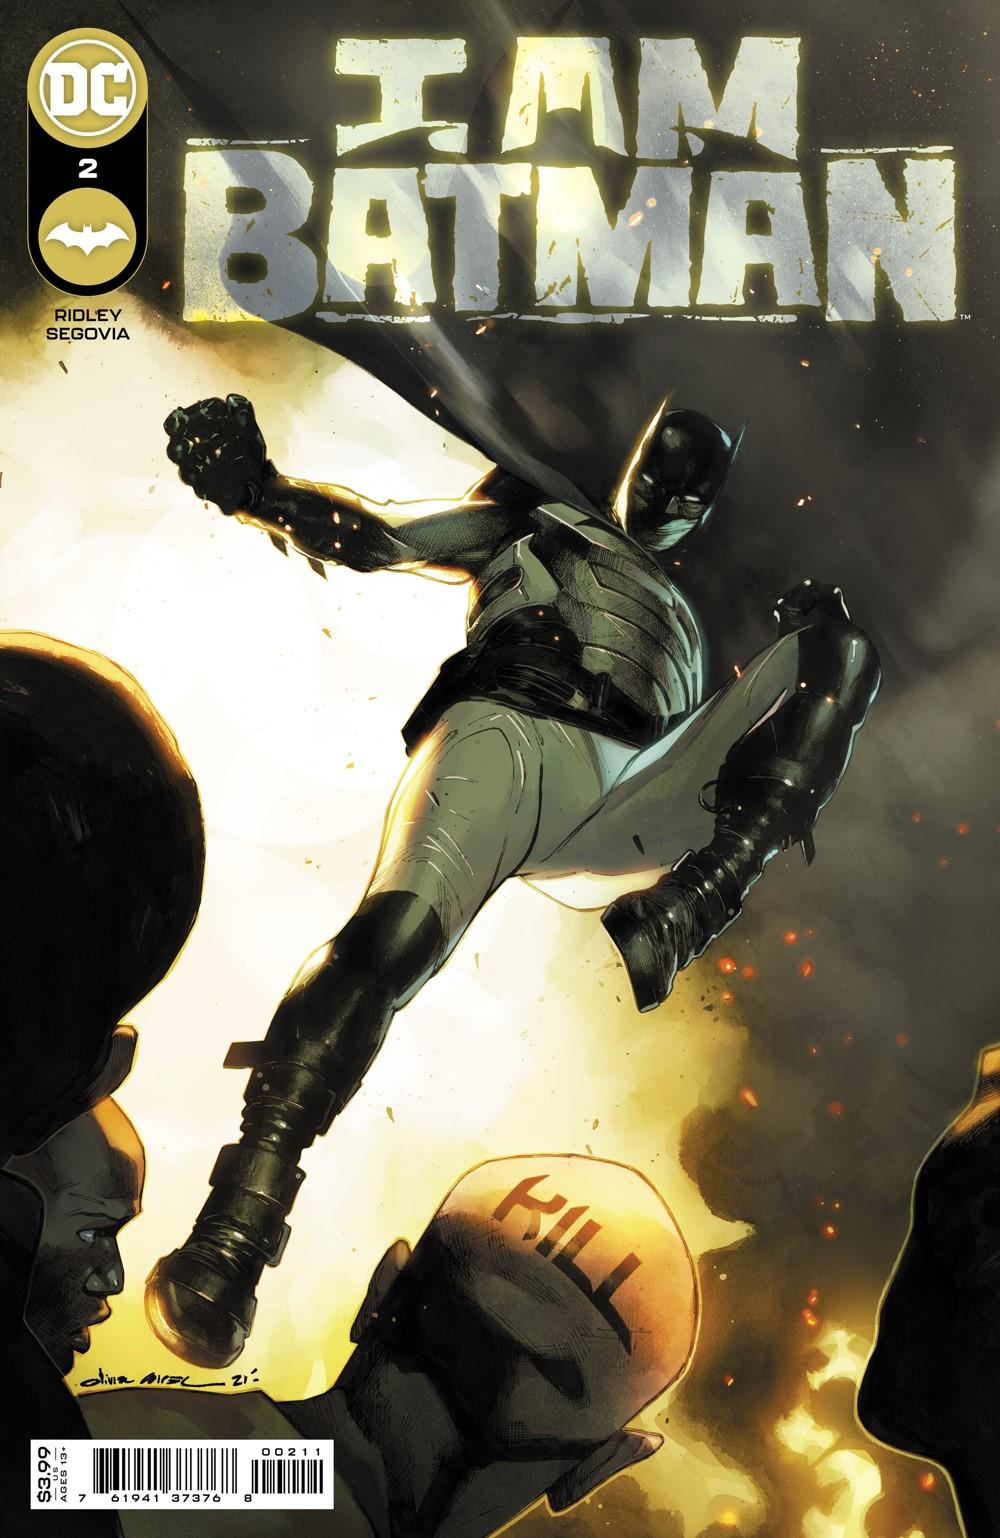 IAMBM_Cv2_00211 DC Comics October 2021 Solicitations